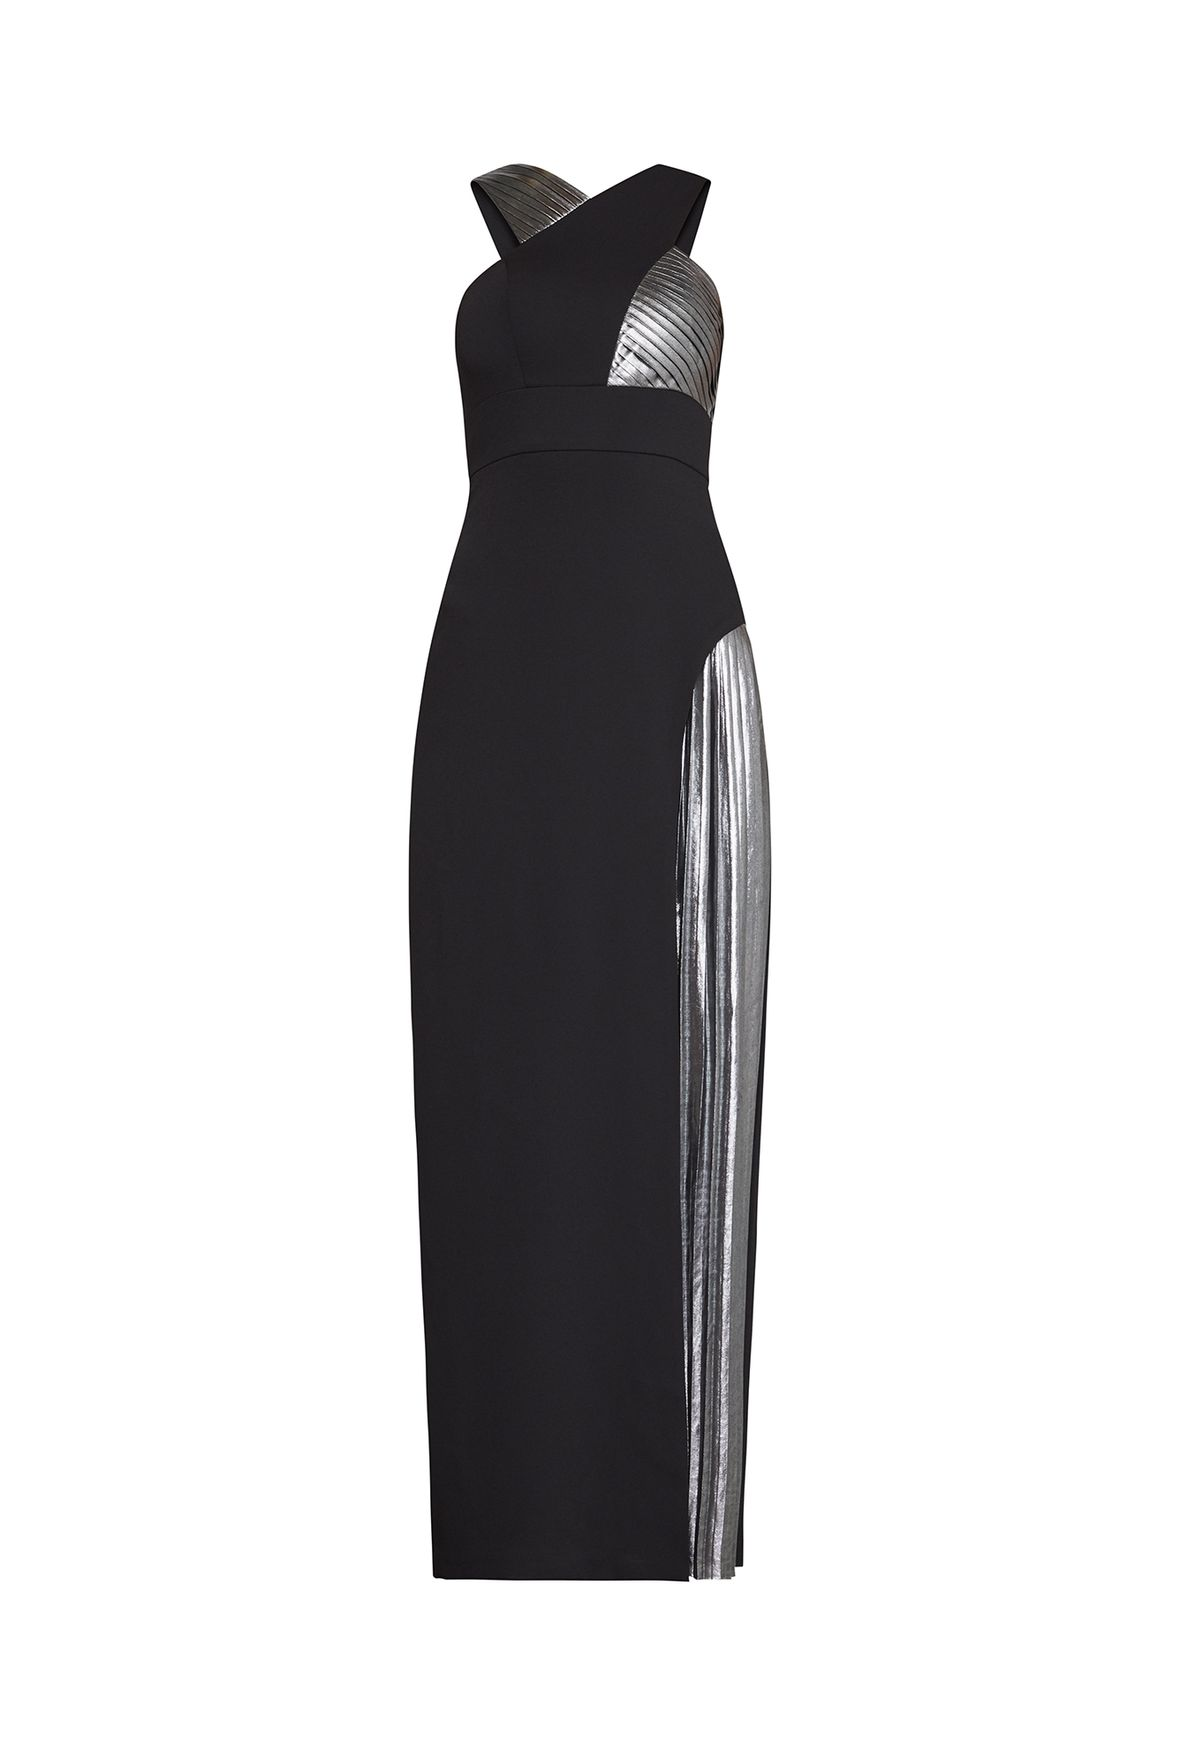 Vestido-Halter-Metalizado-OLM69O51_003_e